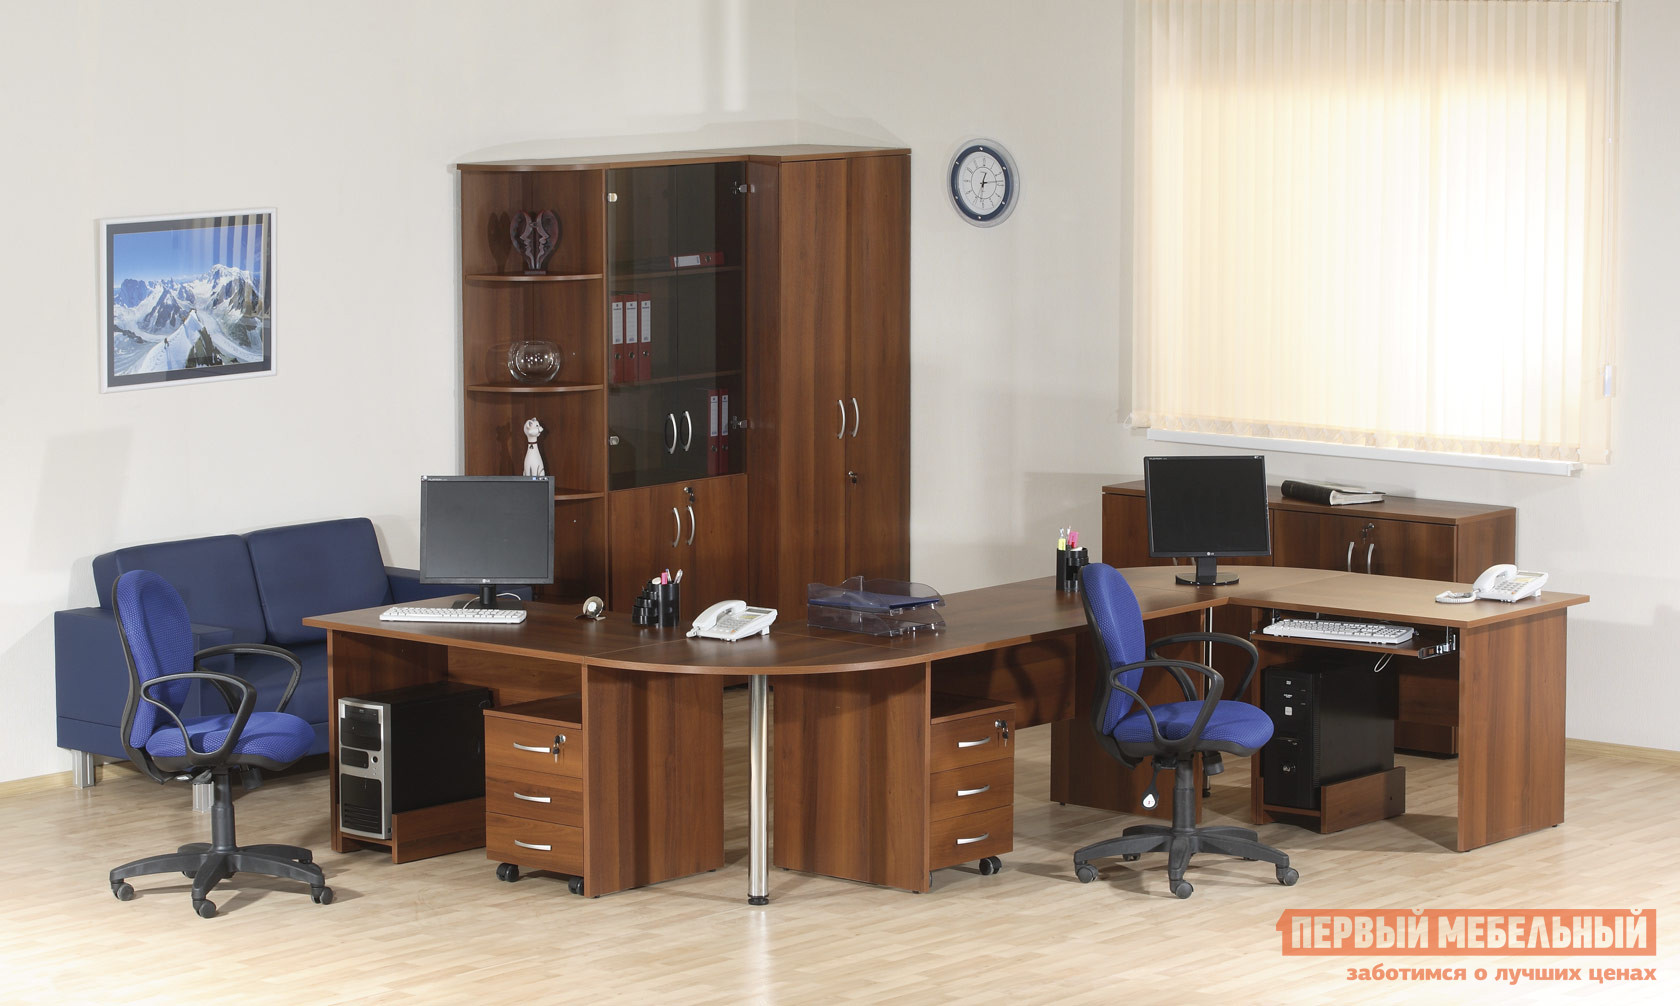 Комплект офисной мебели Витра Альфа К1 комплект офисной мебели витра лидер к1